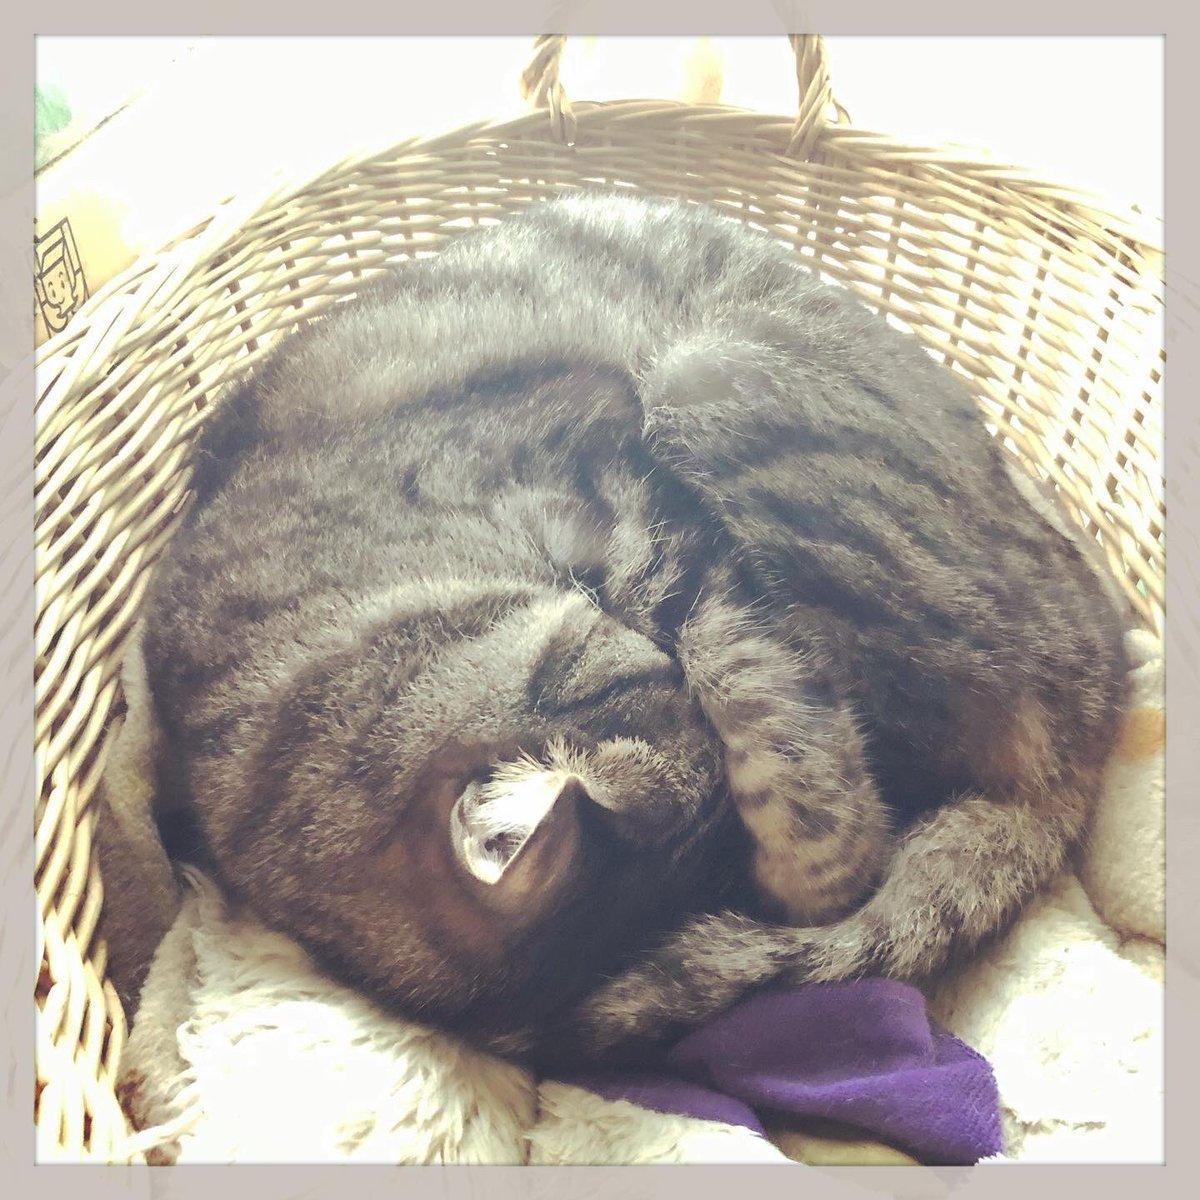 ごめん寝こー ネッコーーーー #猫 #cat #とろねこチャレンジ